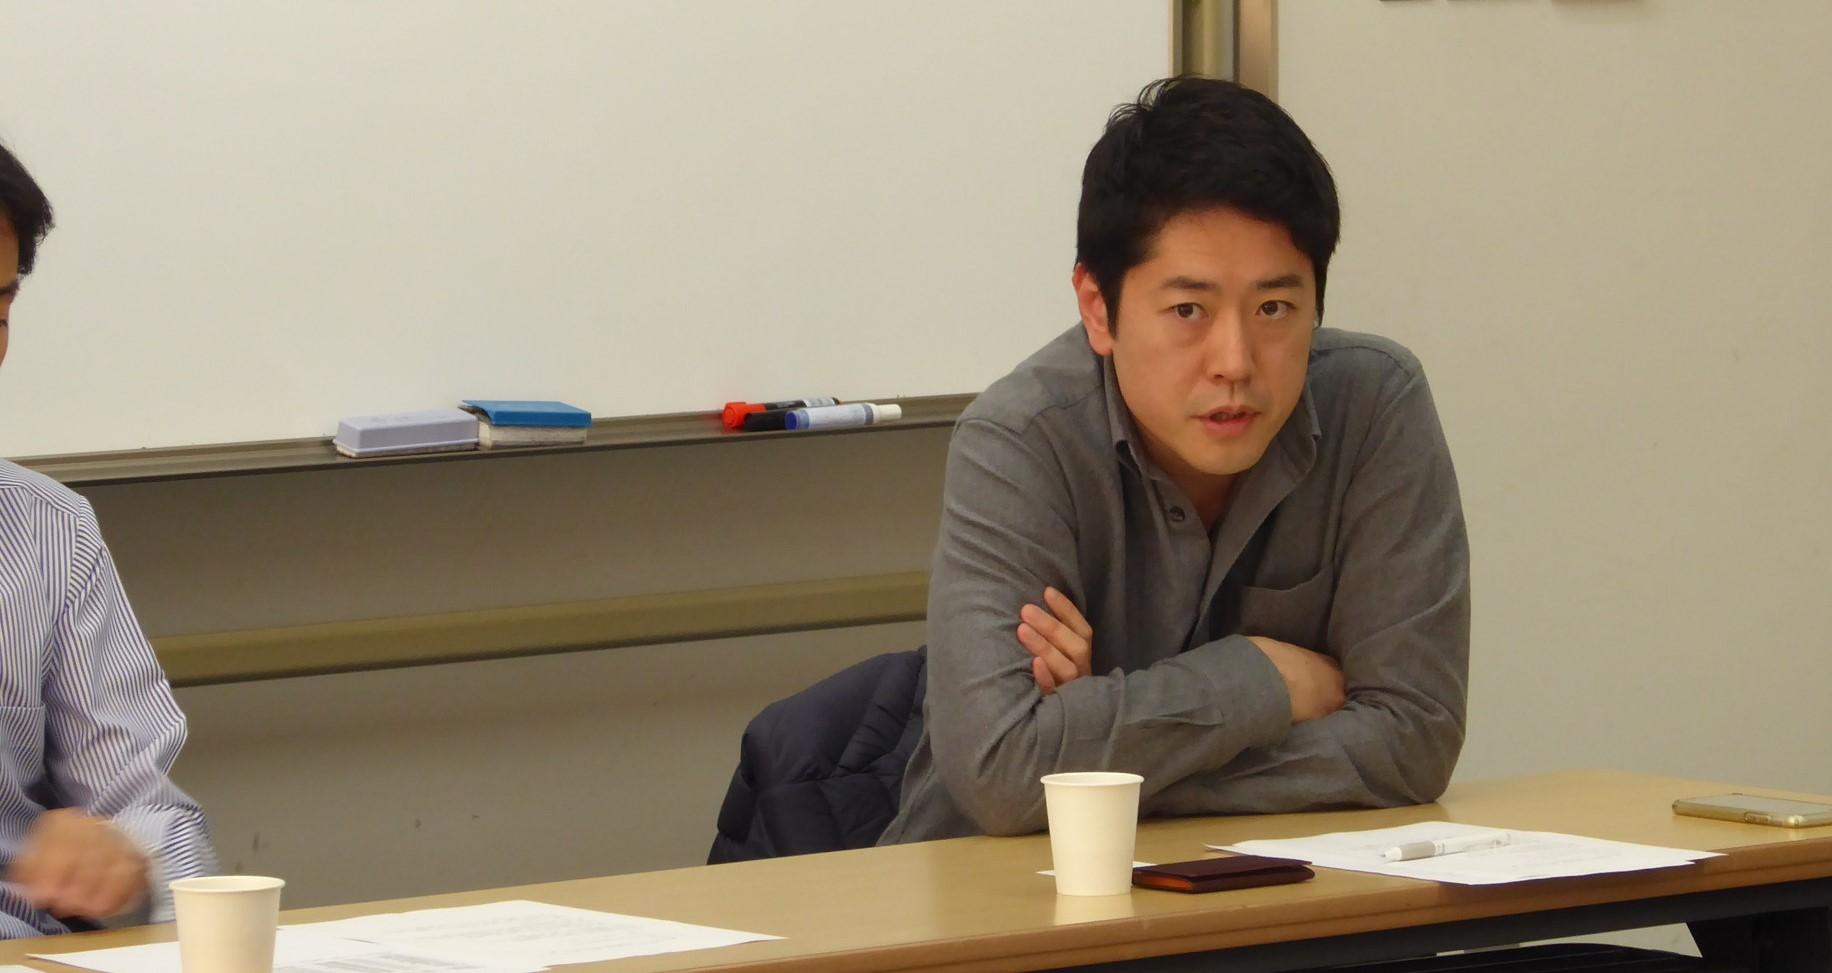 玉生孝之さん(2000年情報学部広報学科卒)